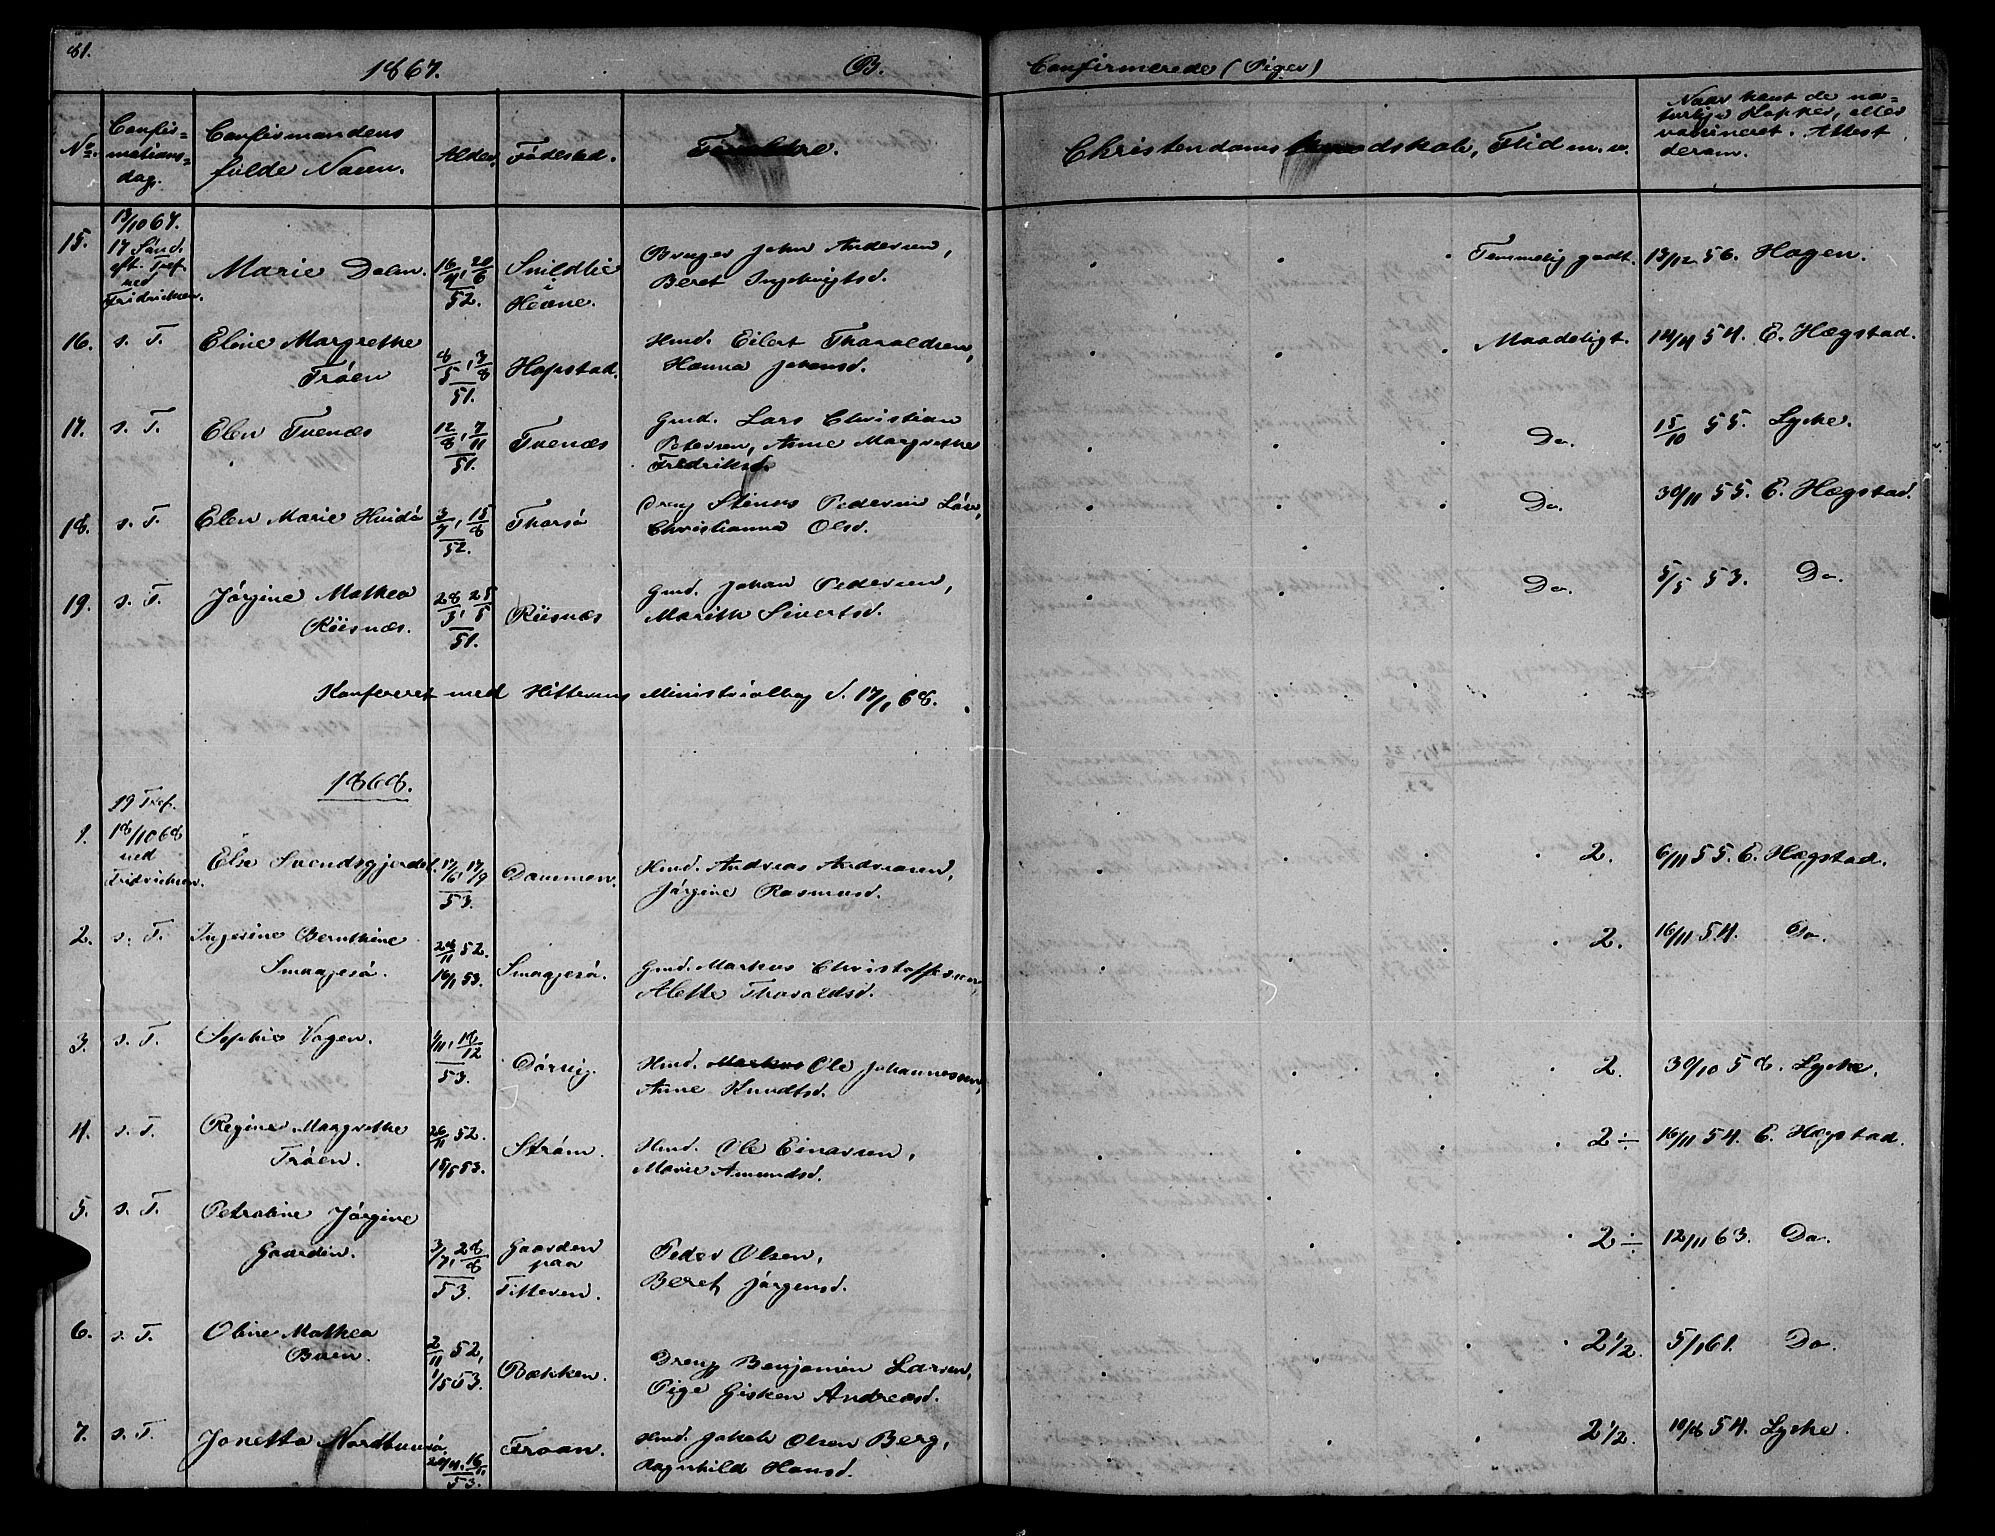 SAT, Ministerialprotokoller, klokkerbøker og fødselsregistre - Sør-Trøndelag, 634/L0539: Klokkerbok nr. 634C01, 1866-1873, s. 81